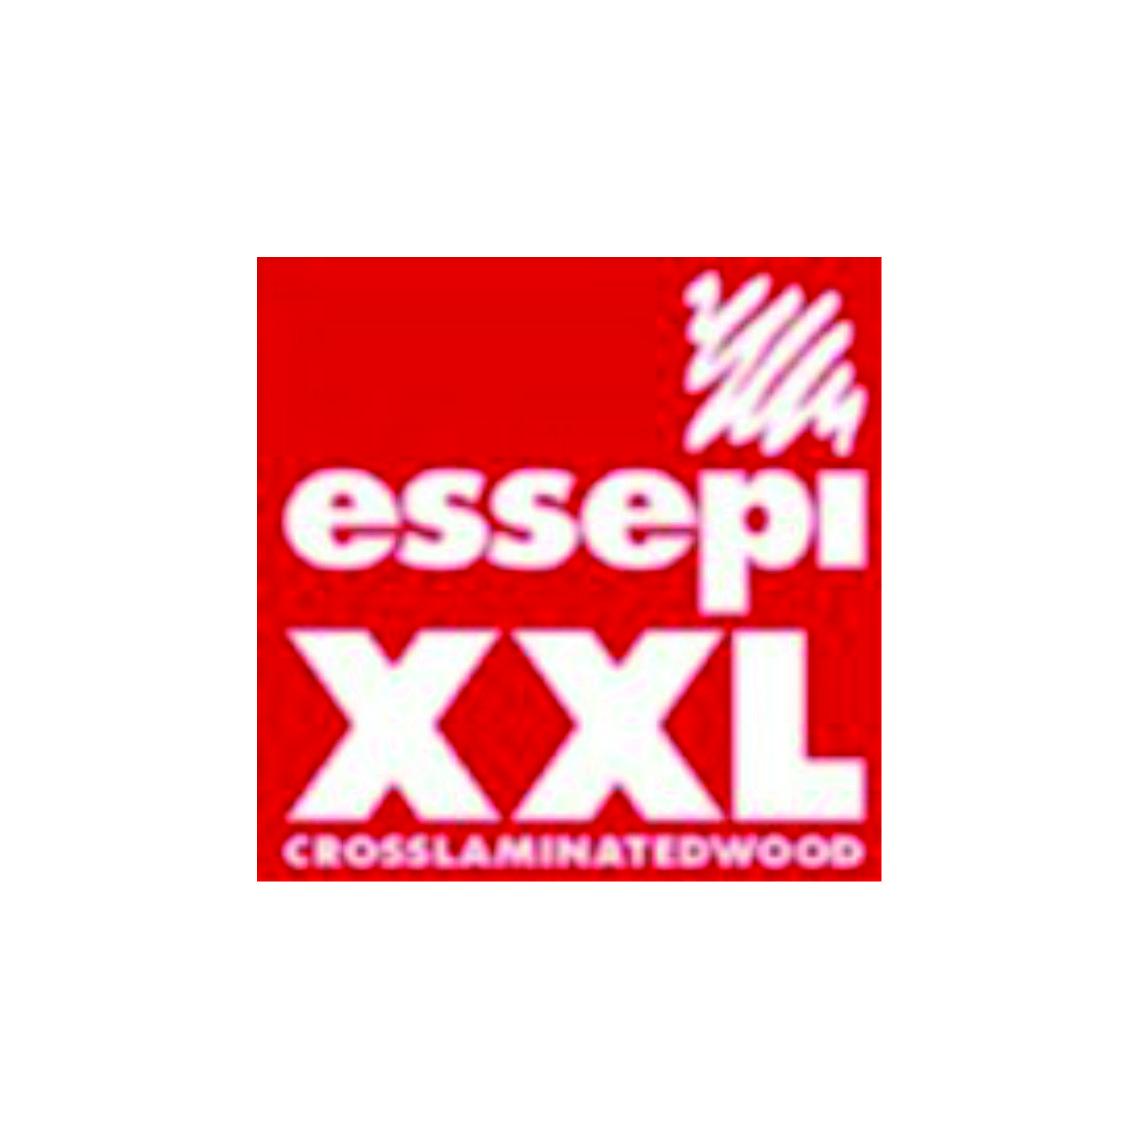 Essepi XXL